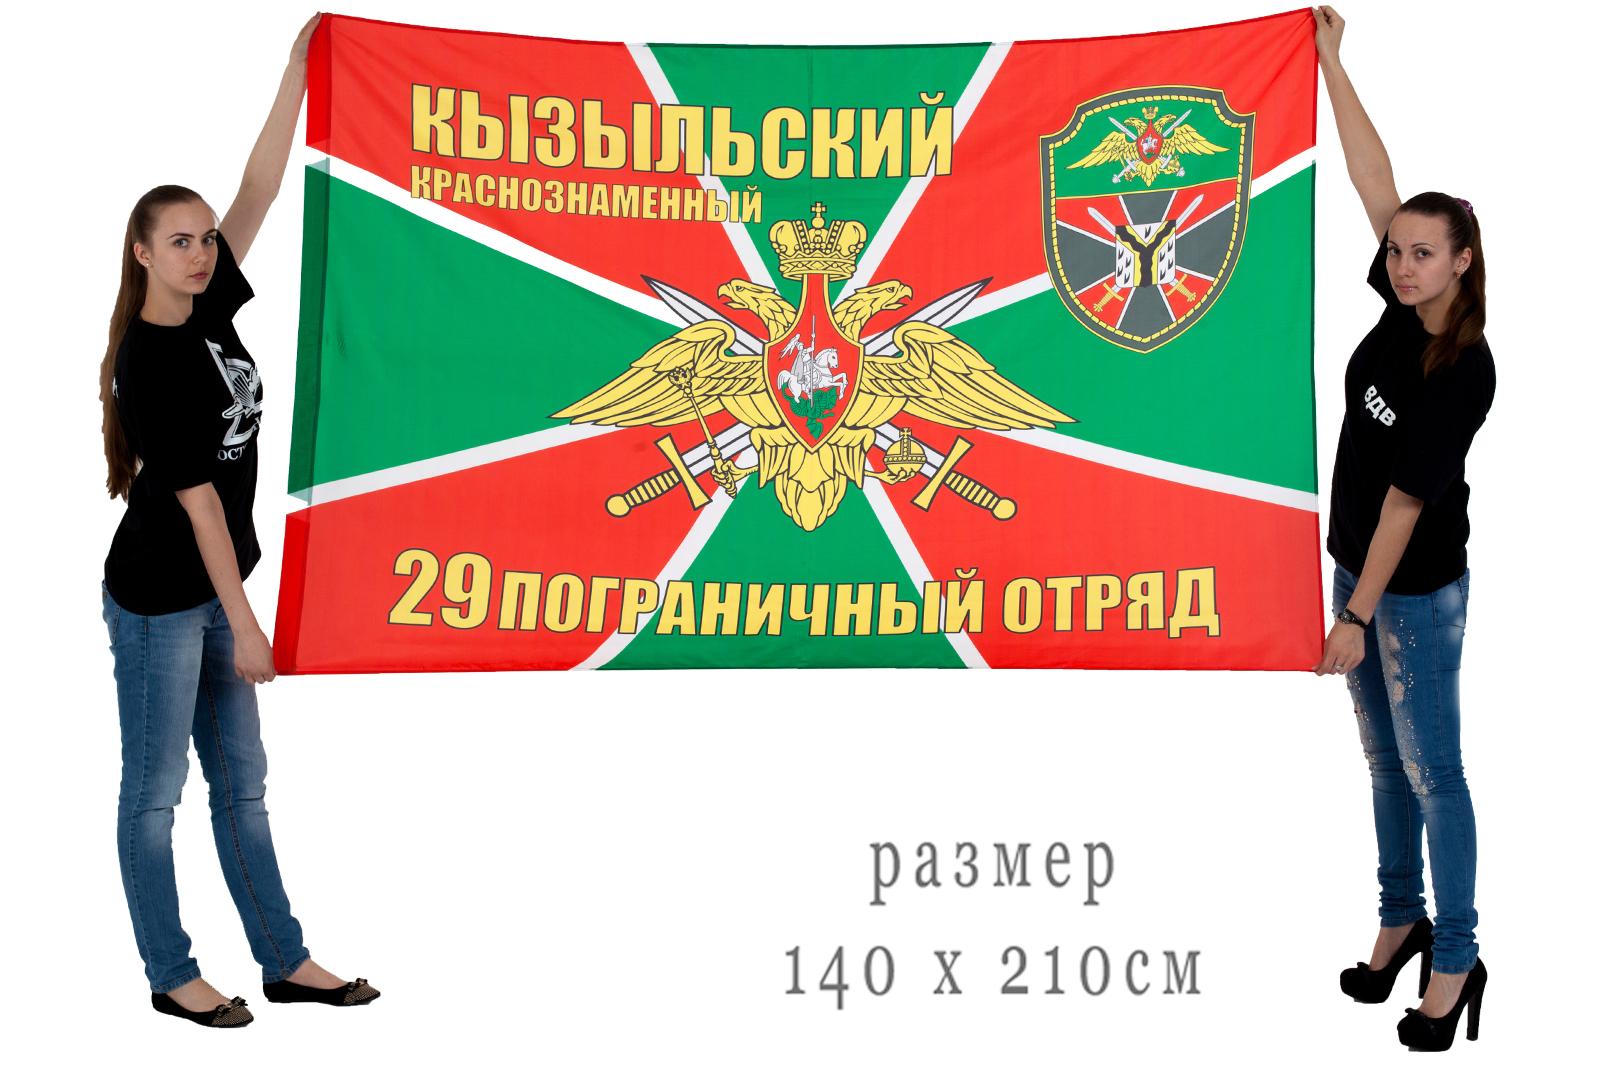 Большой флаг Кызыльского 29 погранотряда